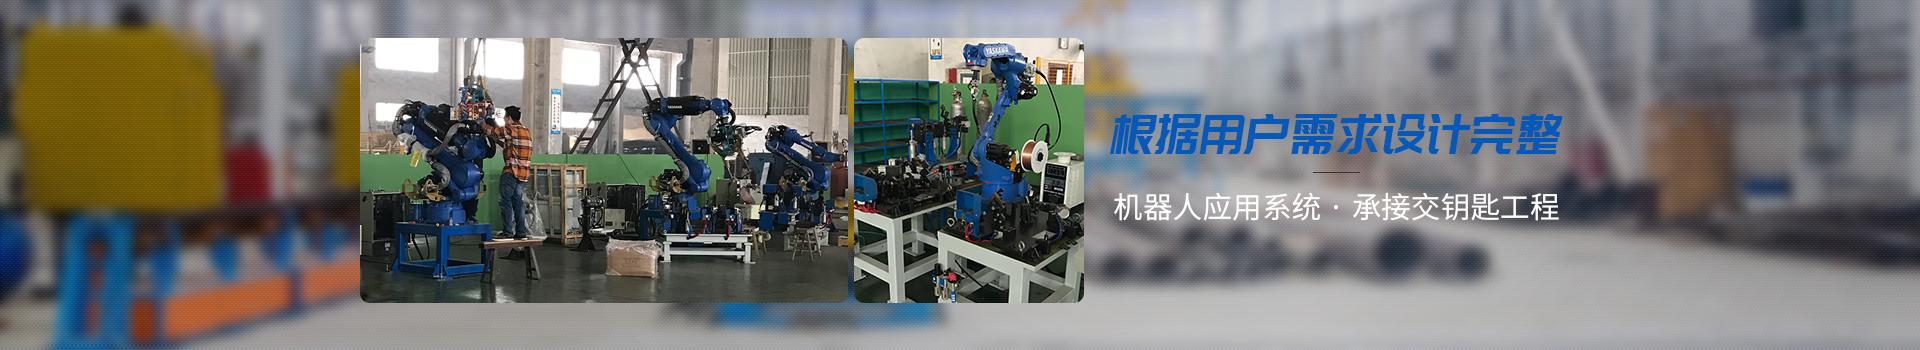 悦川智能工厂-根据用户需求,设计完整的机器人应用系统,承接交钥匙工程